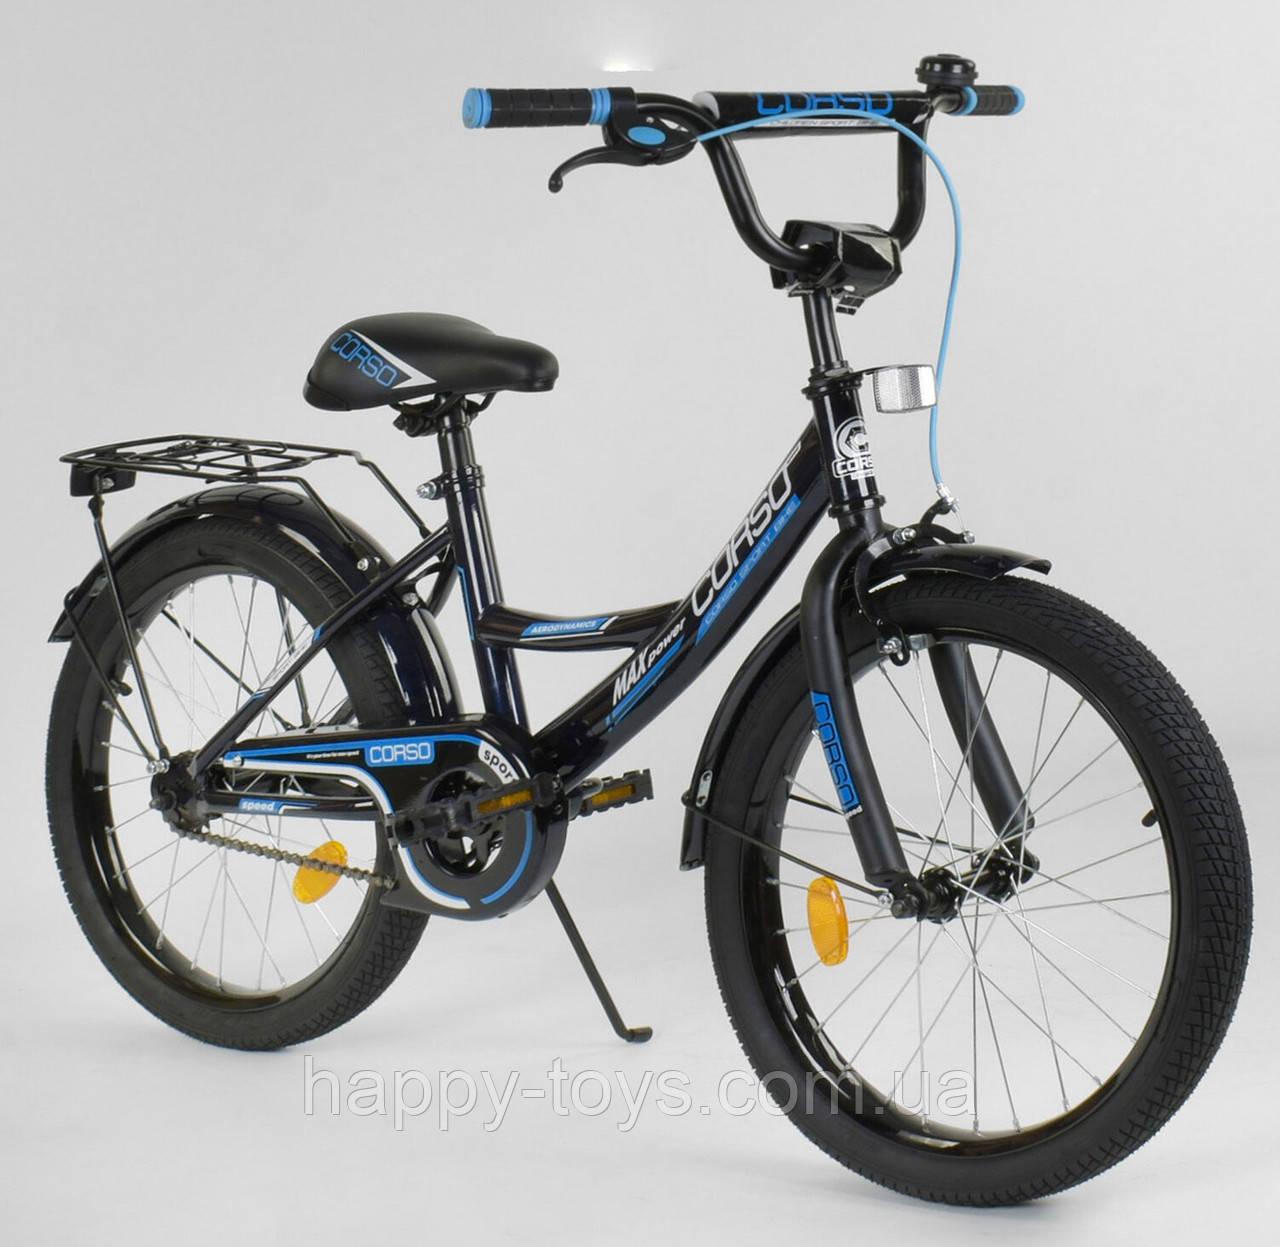 """Велосипед 20"""" дюймов 2-х колёсный CORSO СИНИЙ, ручной тормоз, звоночек, собранный на 75% CL-20 Y 3585"""